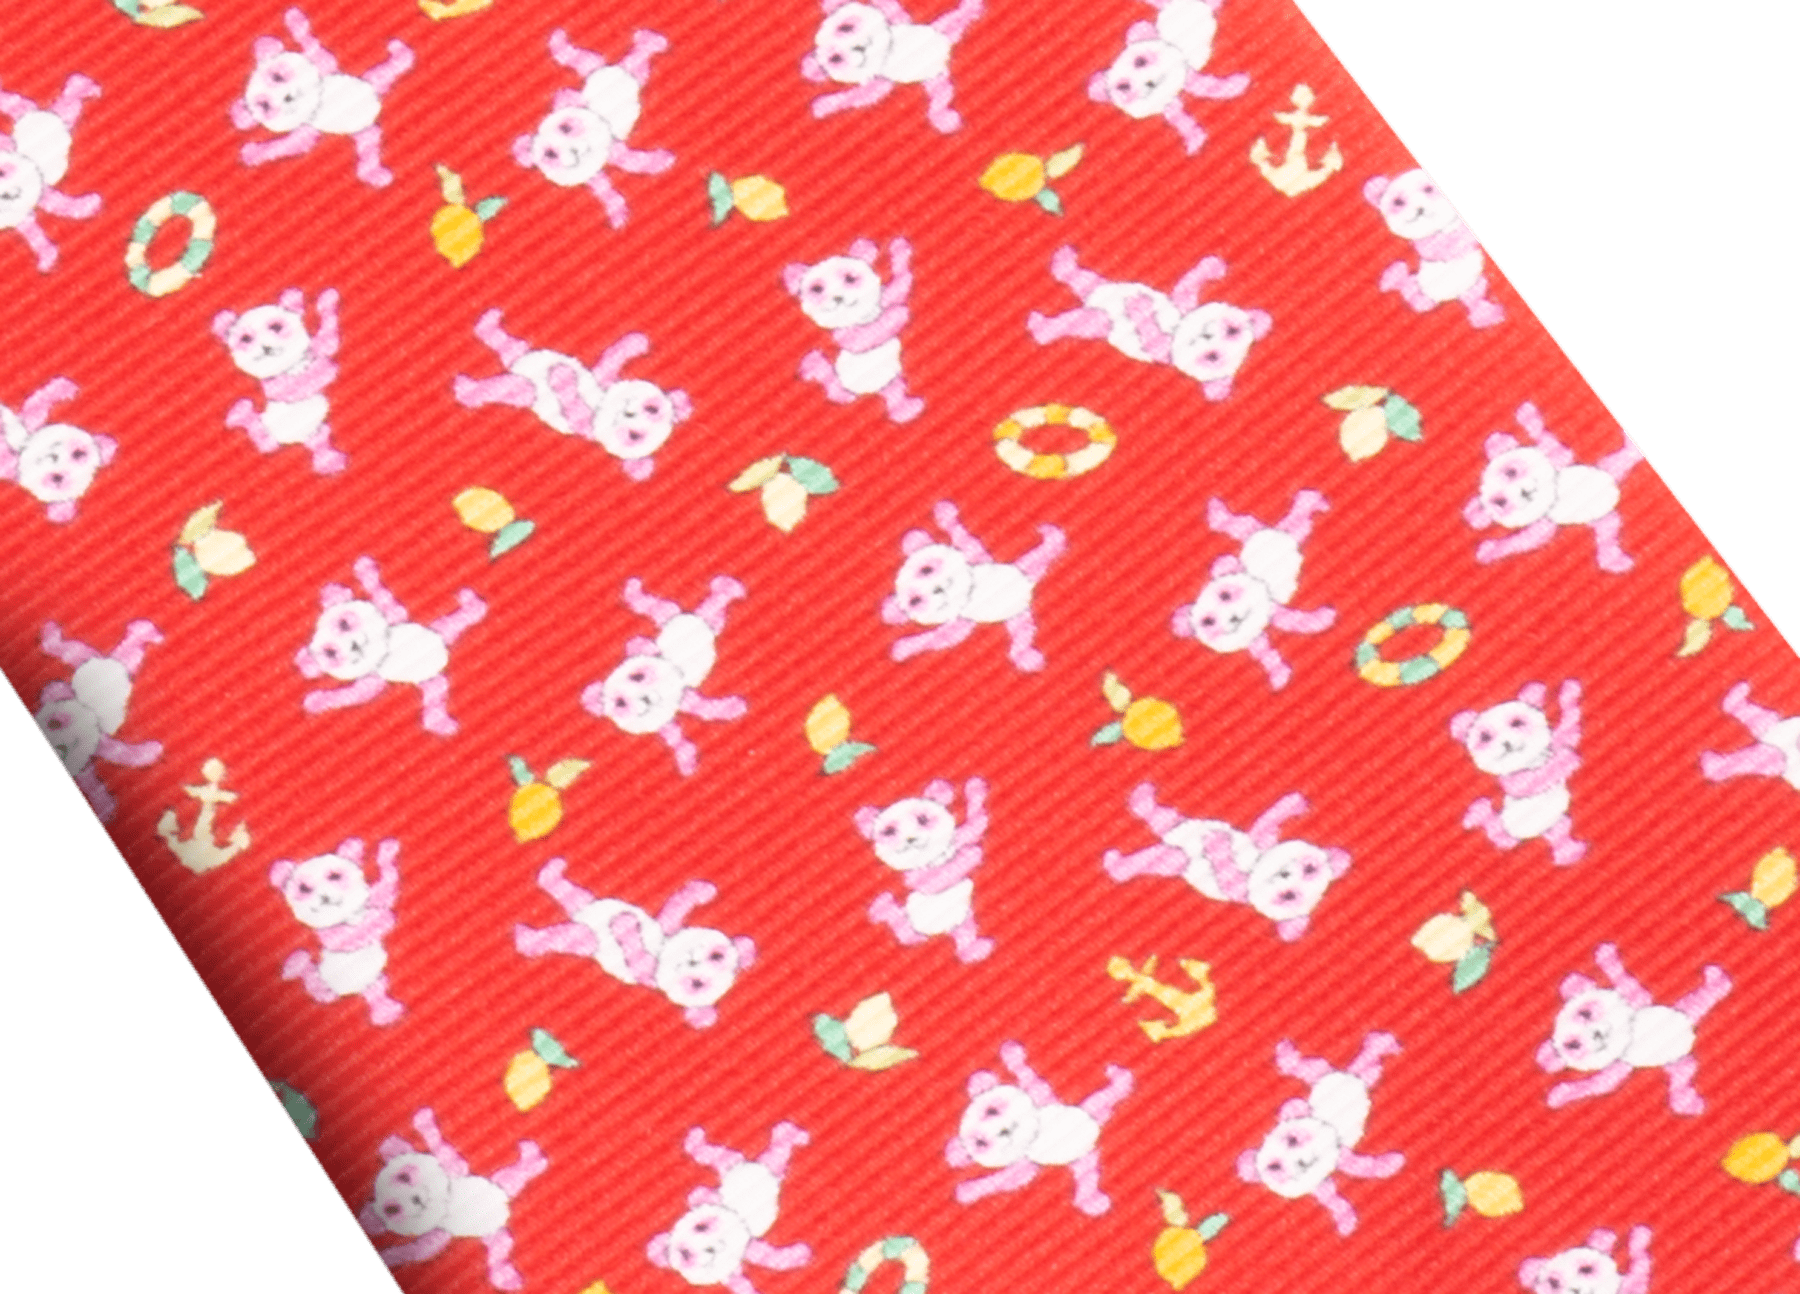 Cravatta sette pieghe rossa con motivo Lemon Panda in pregiata seta saglione stampata. 244170 image 2